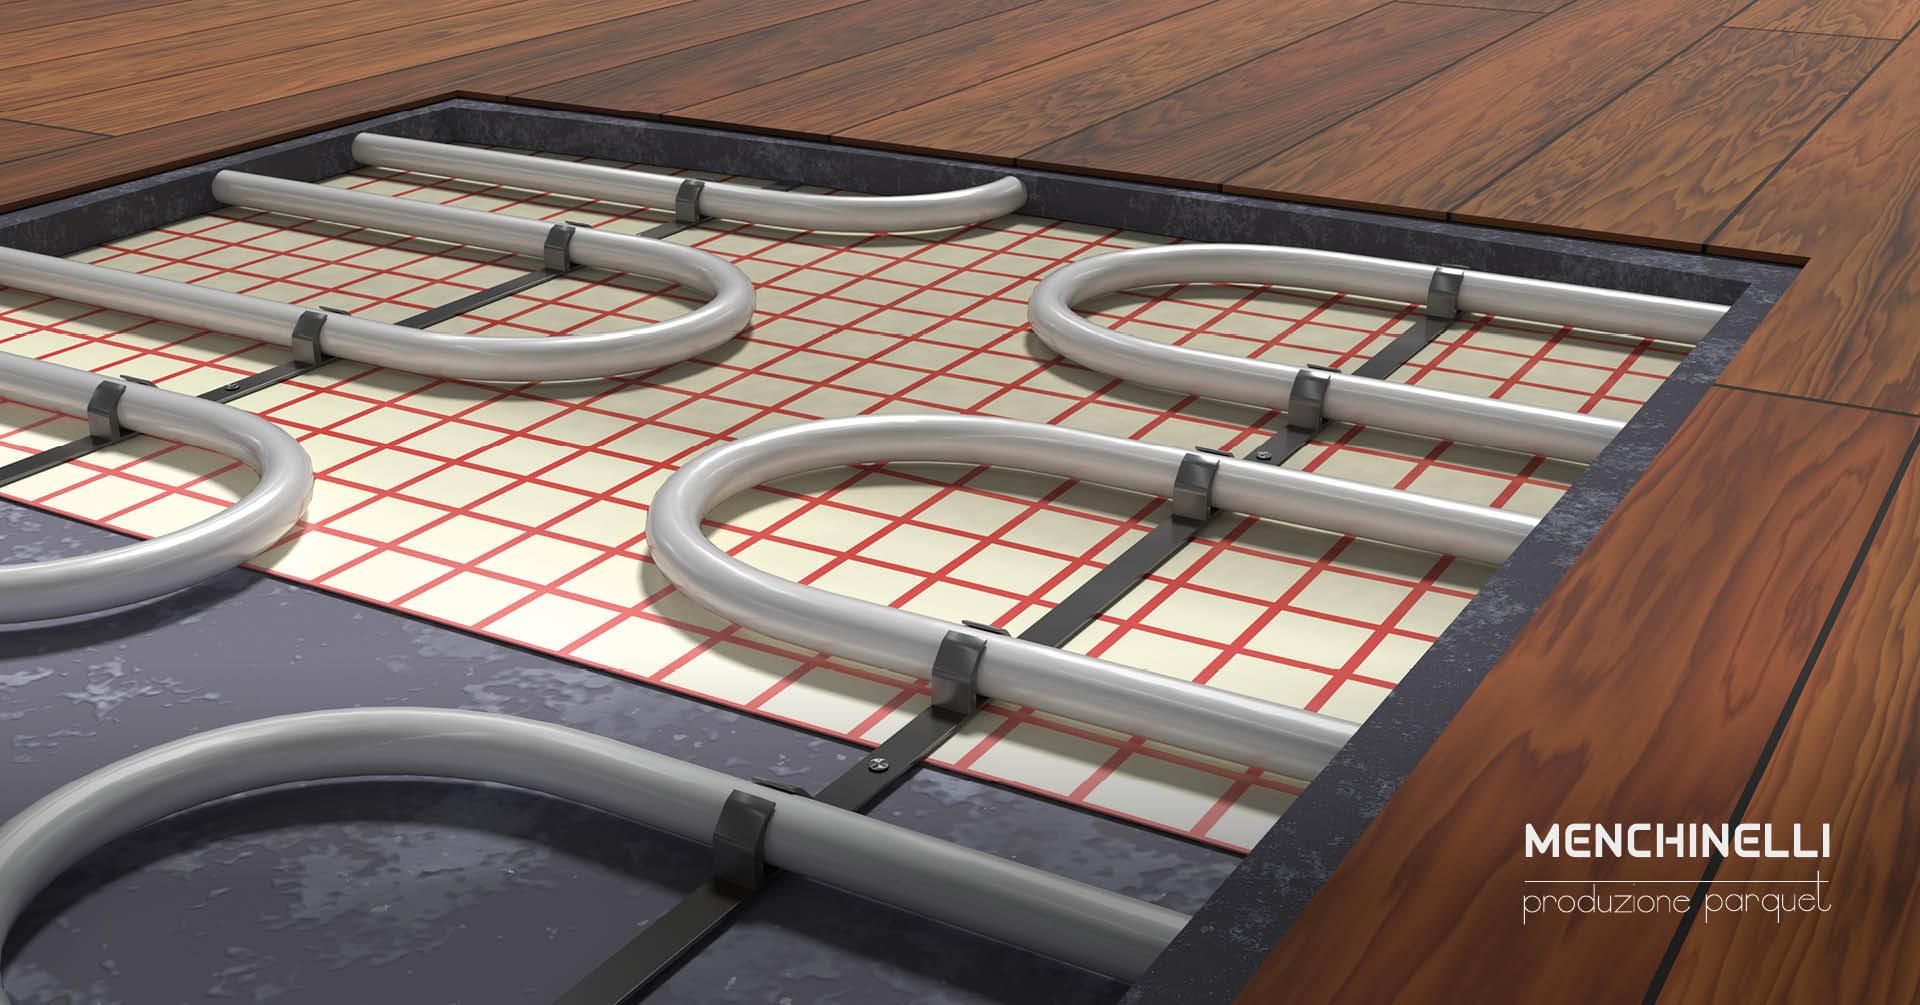 impianto di riscaldamento a pavimento con parquet